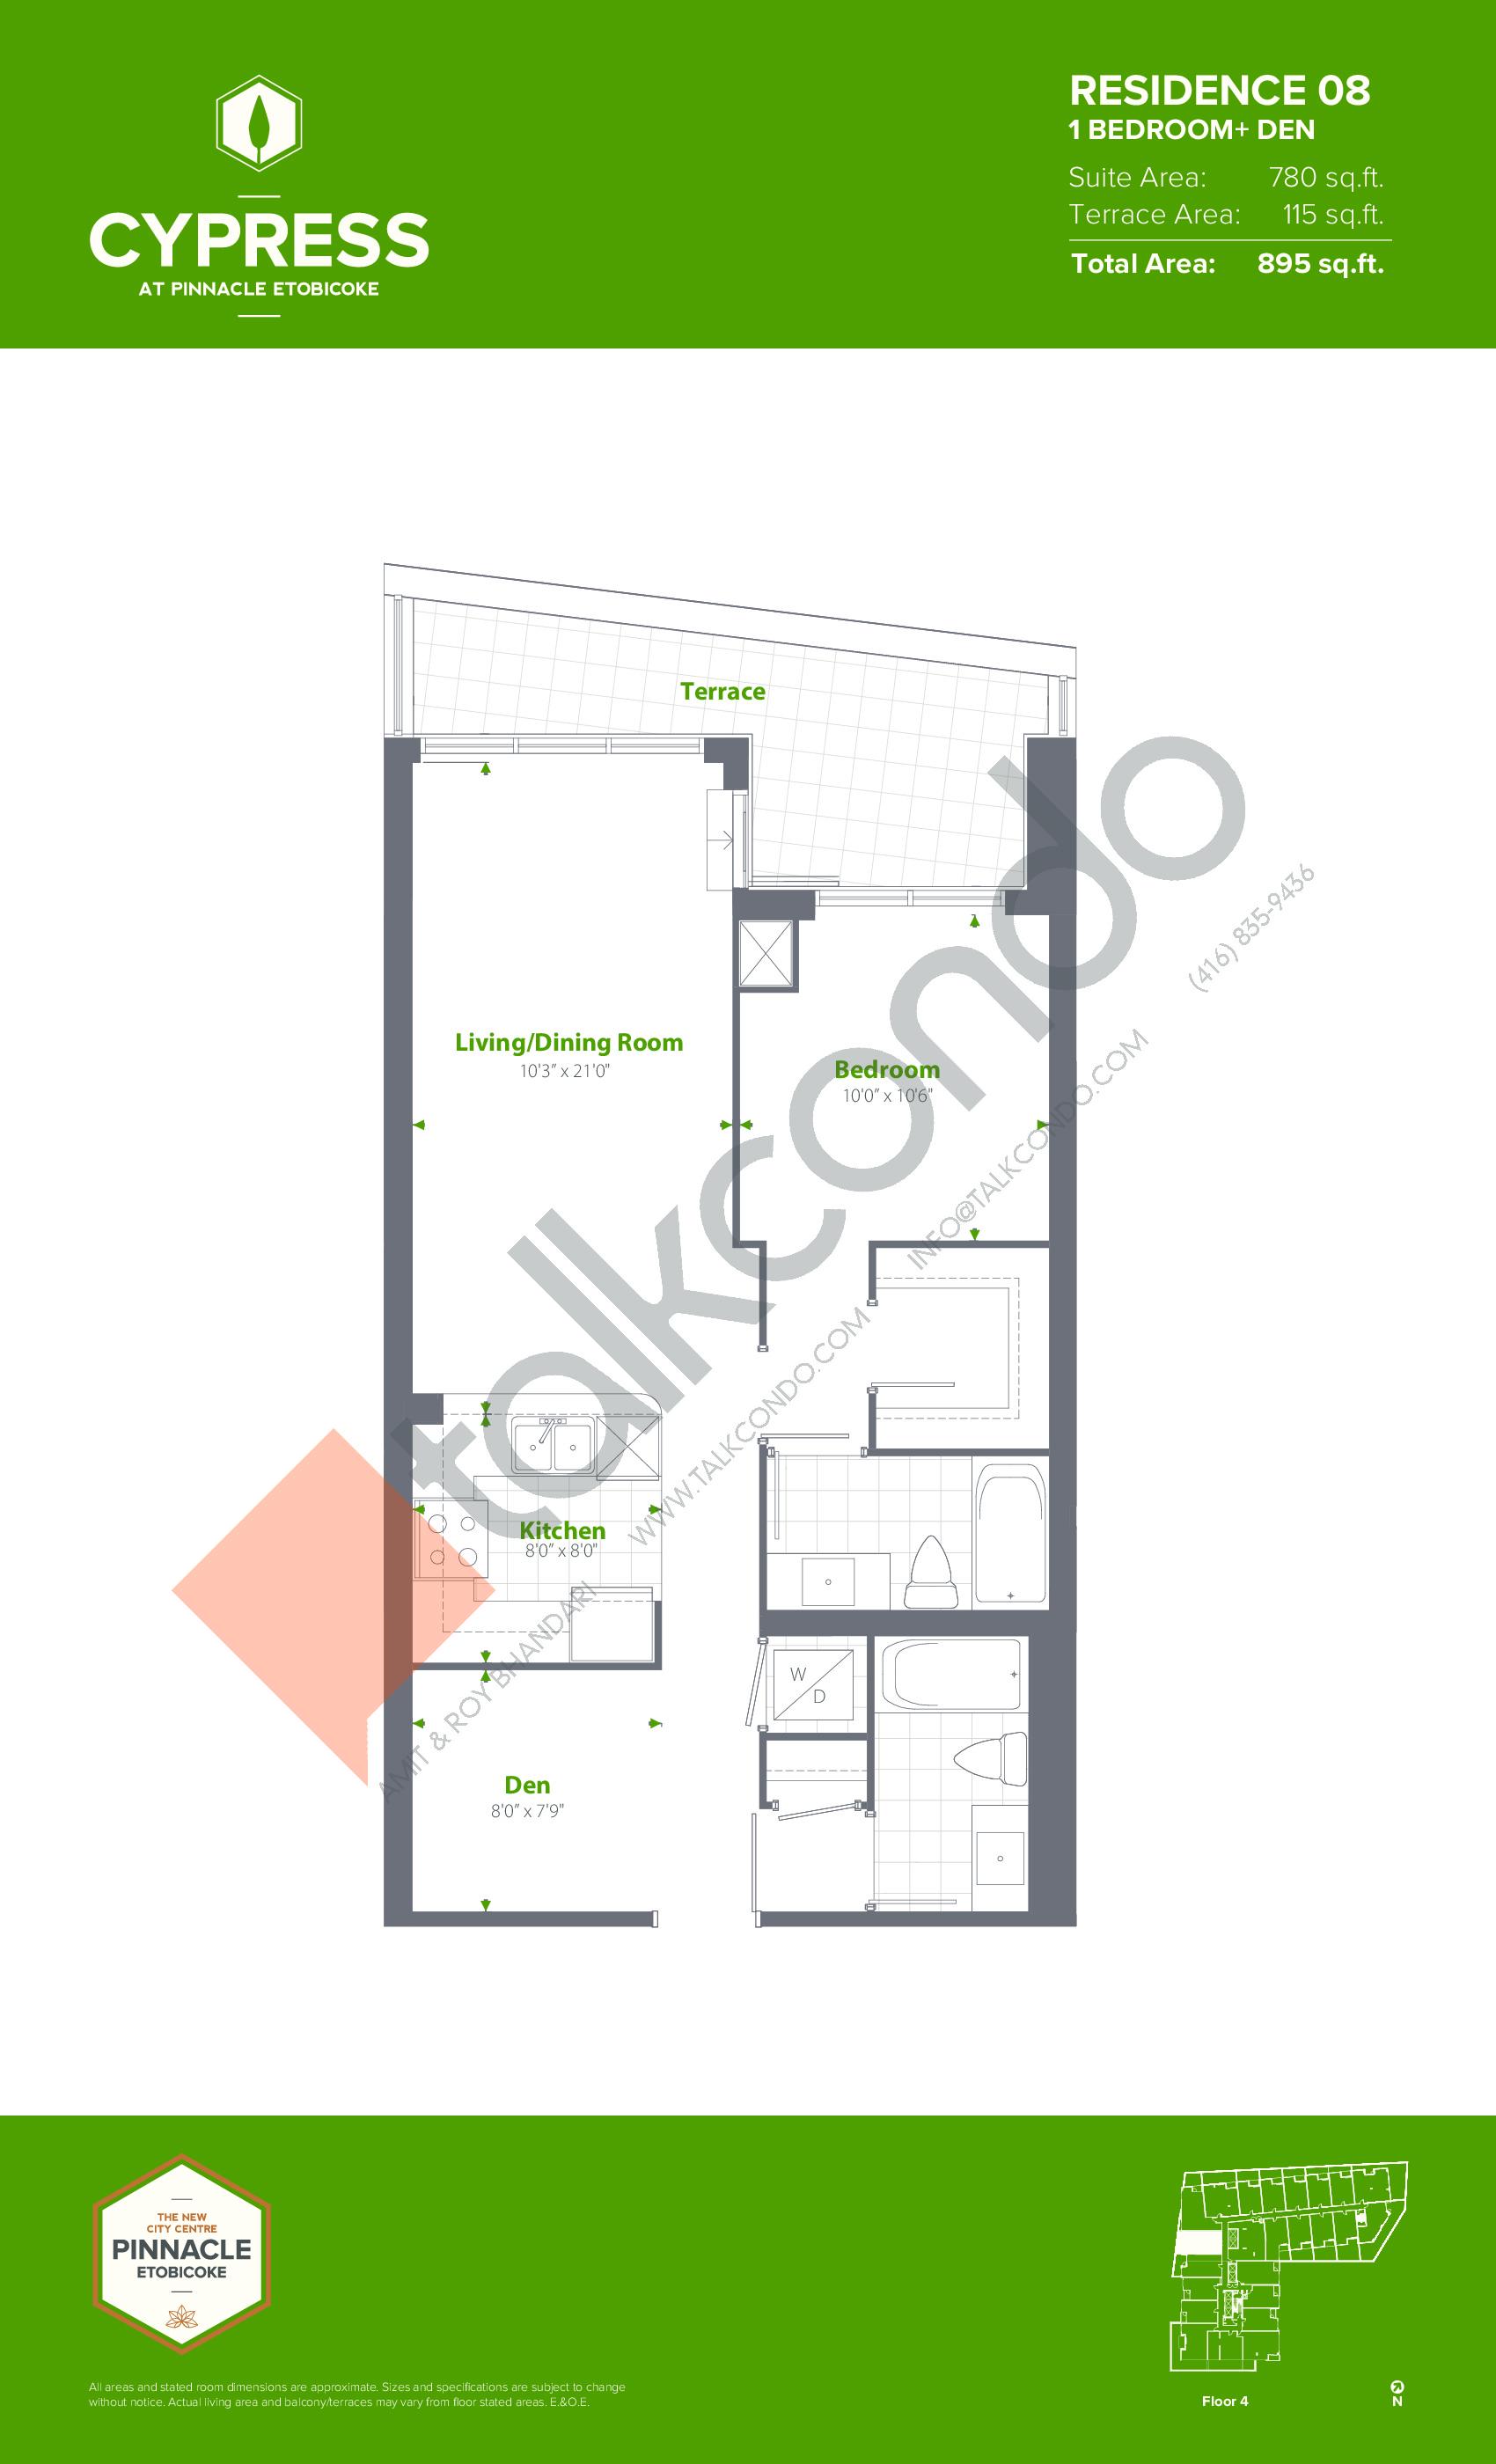 Residence 08 Floor Plan at Cypress at Pinnacle Etobicoke - 780 sq.ft